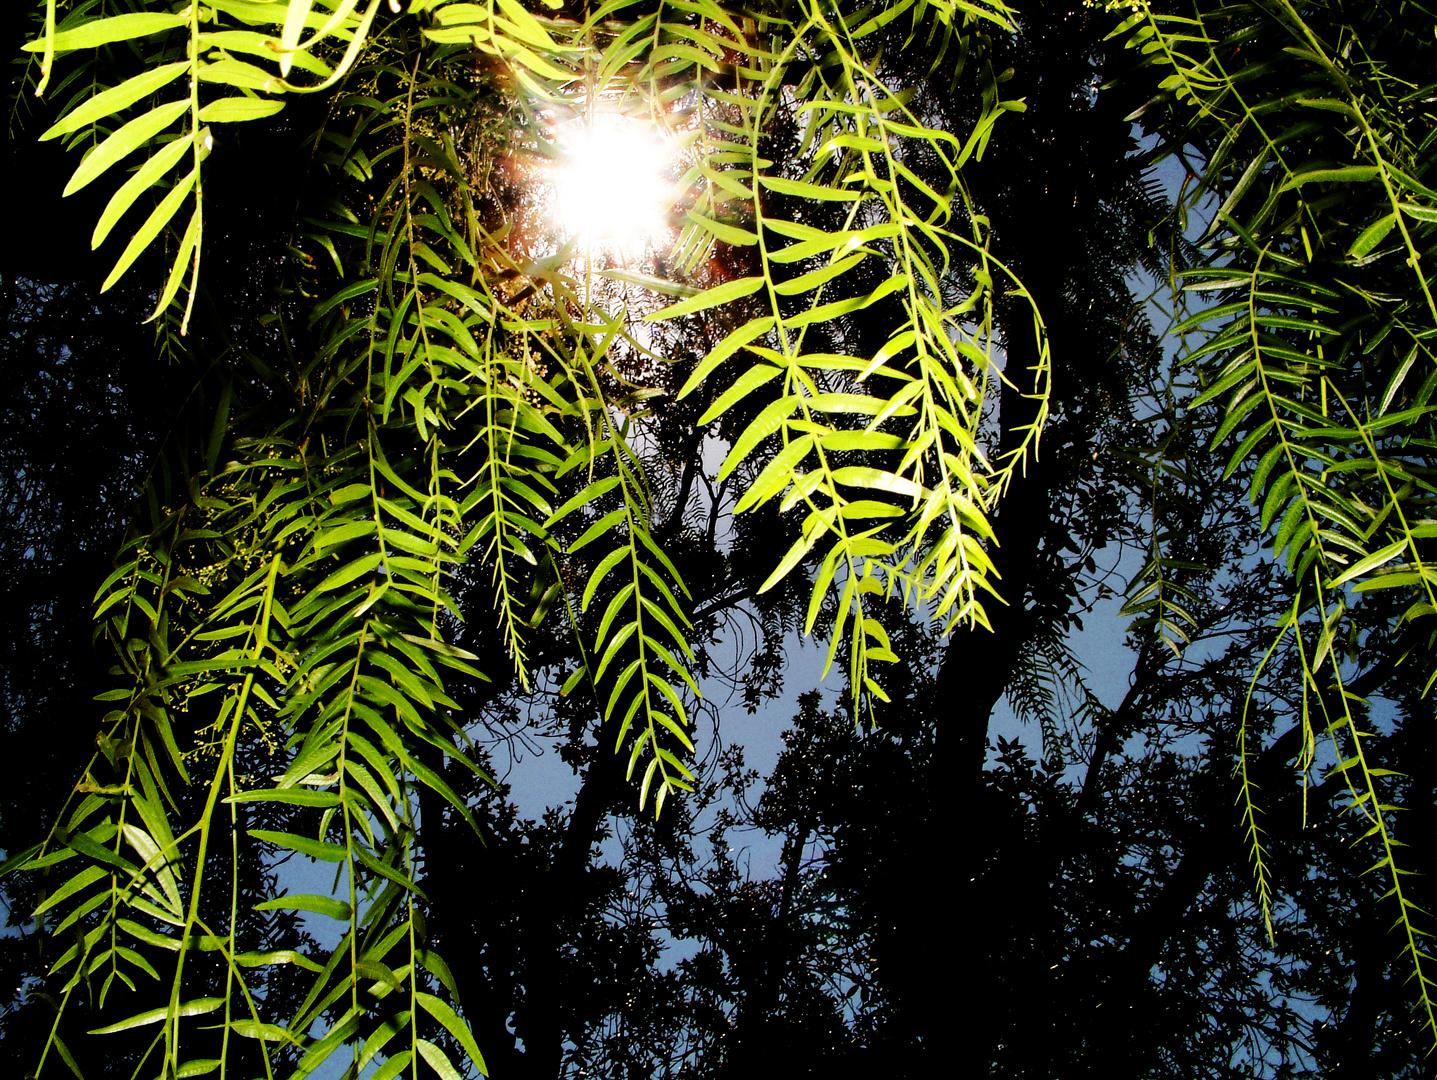 El sol se cuela entre las hojas